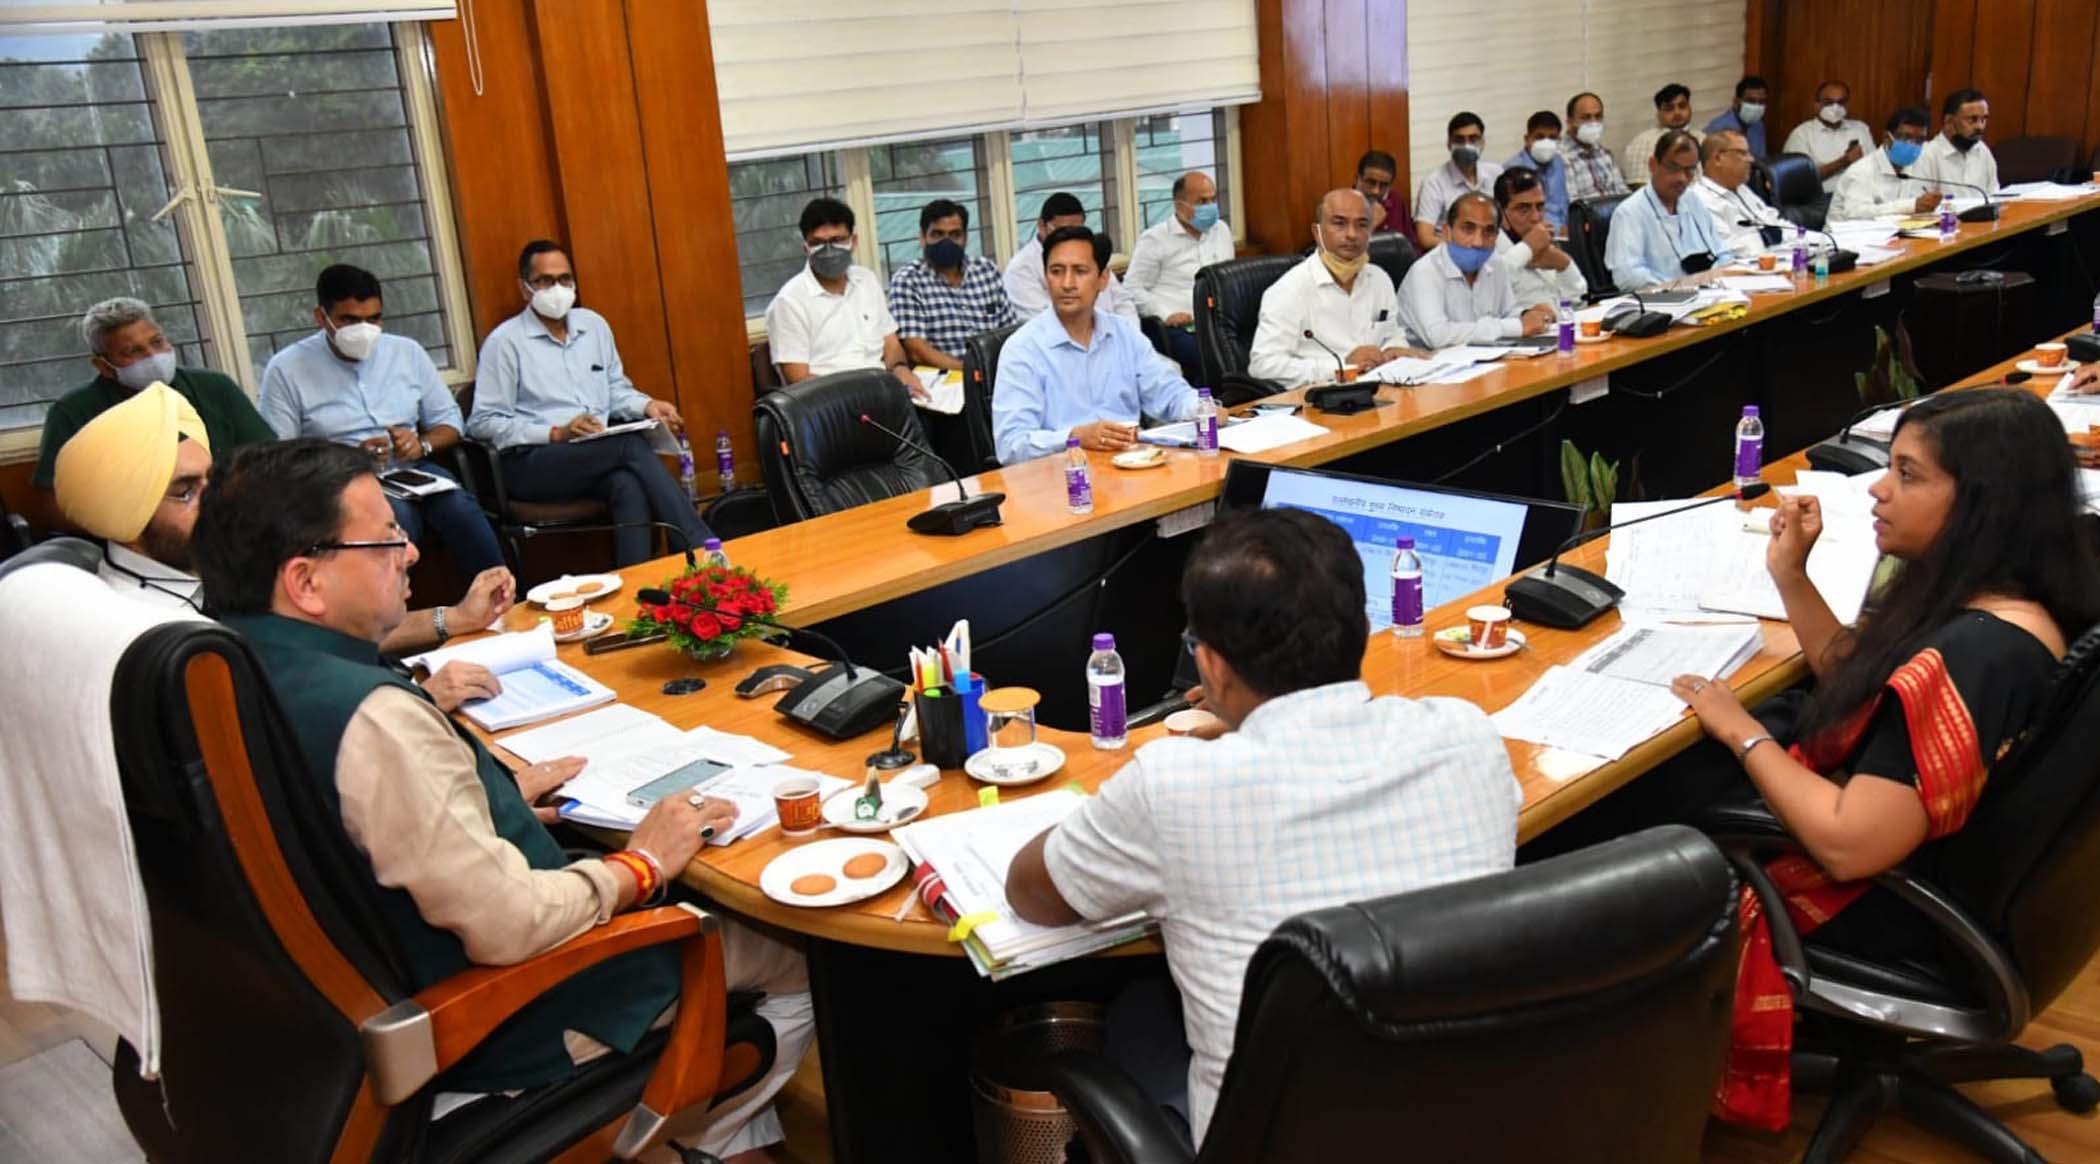 सरकार के प्रयासों एवं जनसहयोग से आगे बढ़ रही आयुष्मान योजना